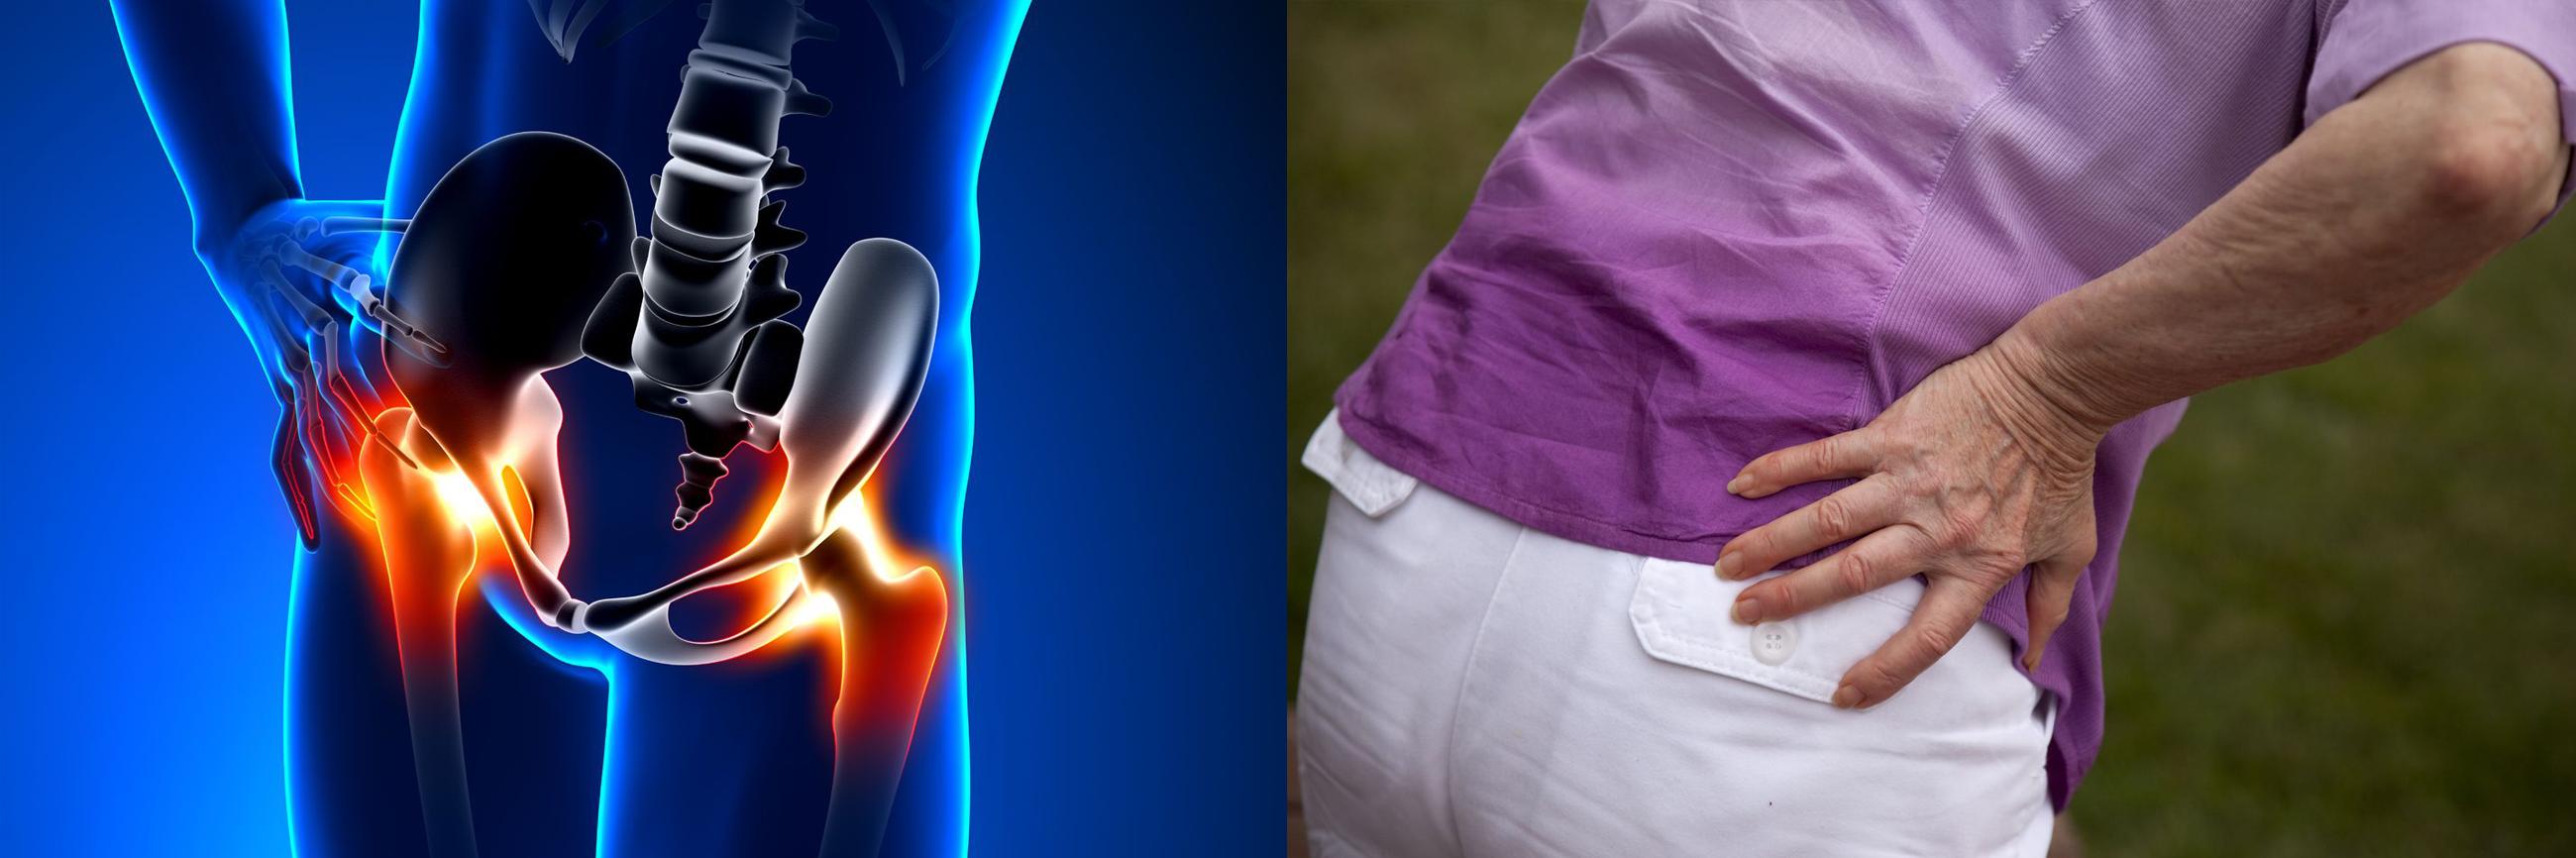 súlyos fájdalom a csípőízületekben hogyan kell kezelni